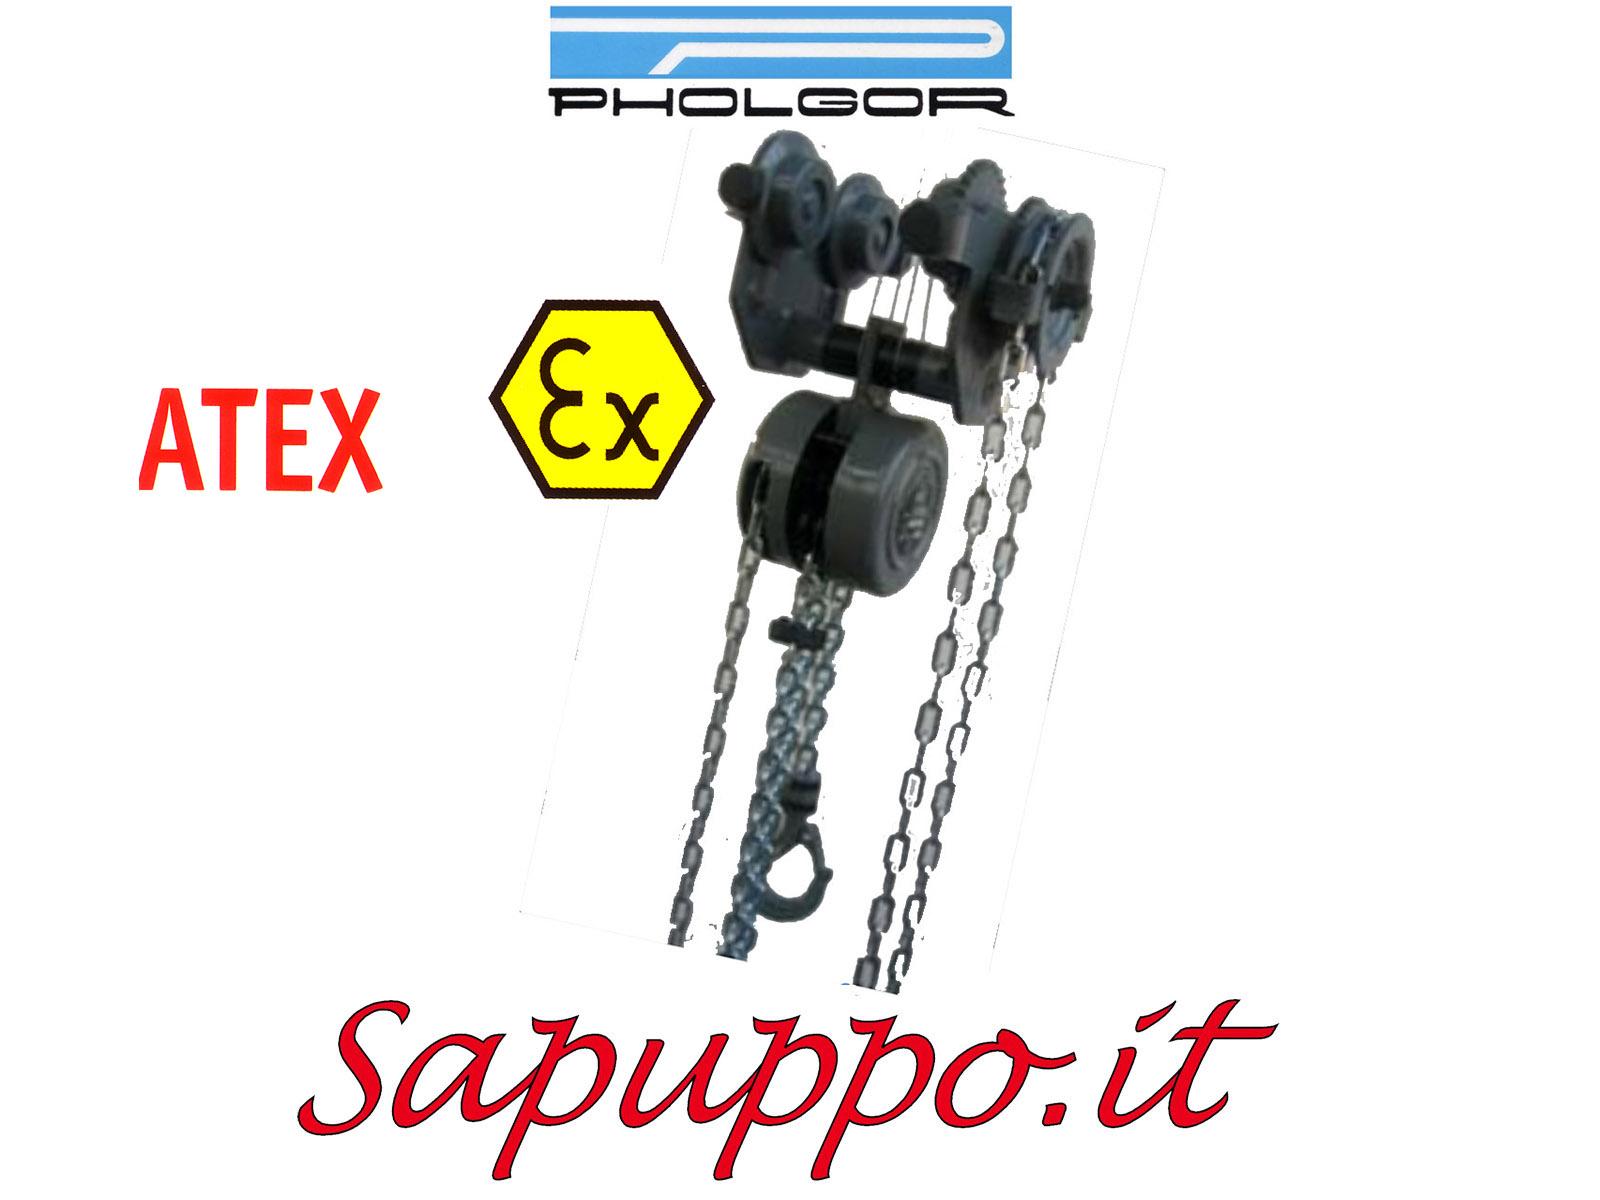 Paranco manuale combinato con carrello tipo CC-M versione speciale ATEX - PHOLGOR